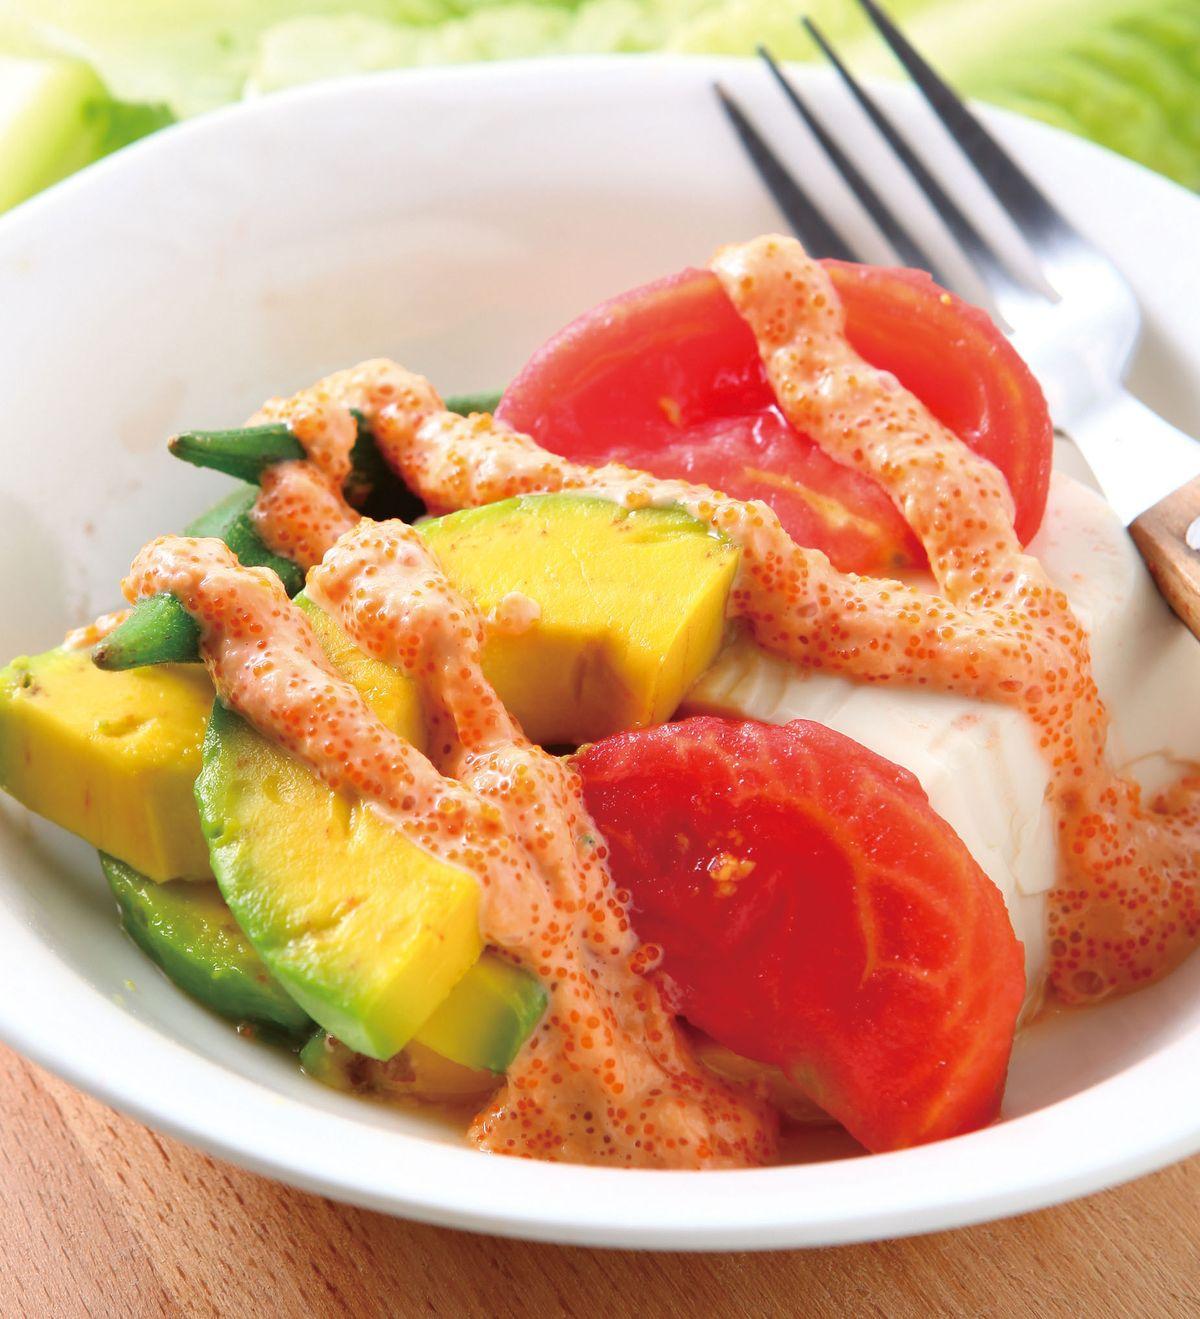 食譜:馬鈴薯蛋沙拉(1)